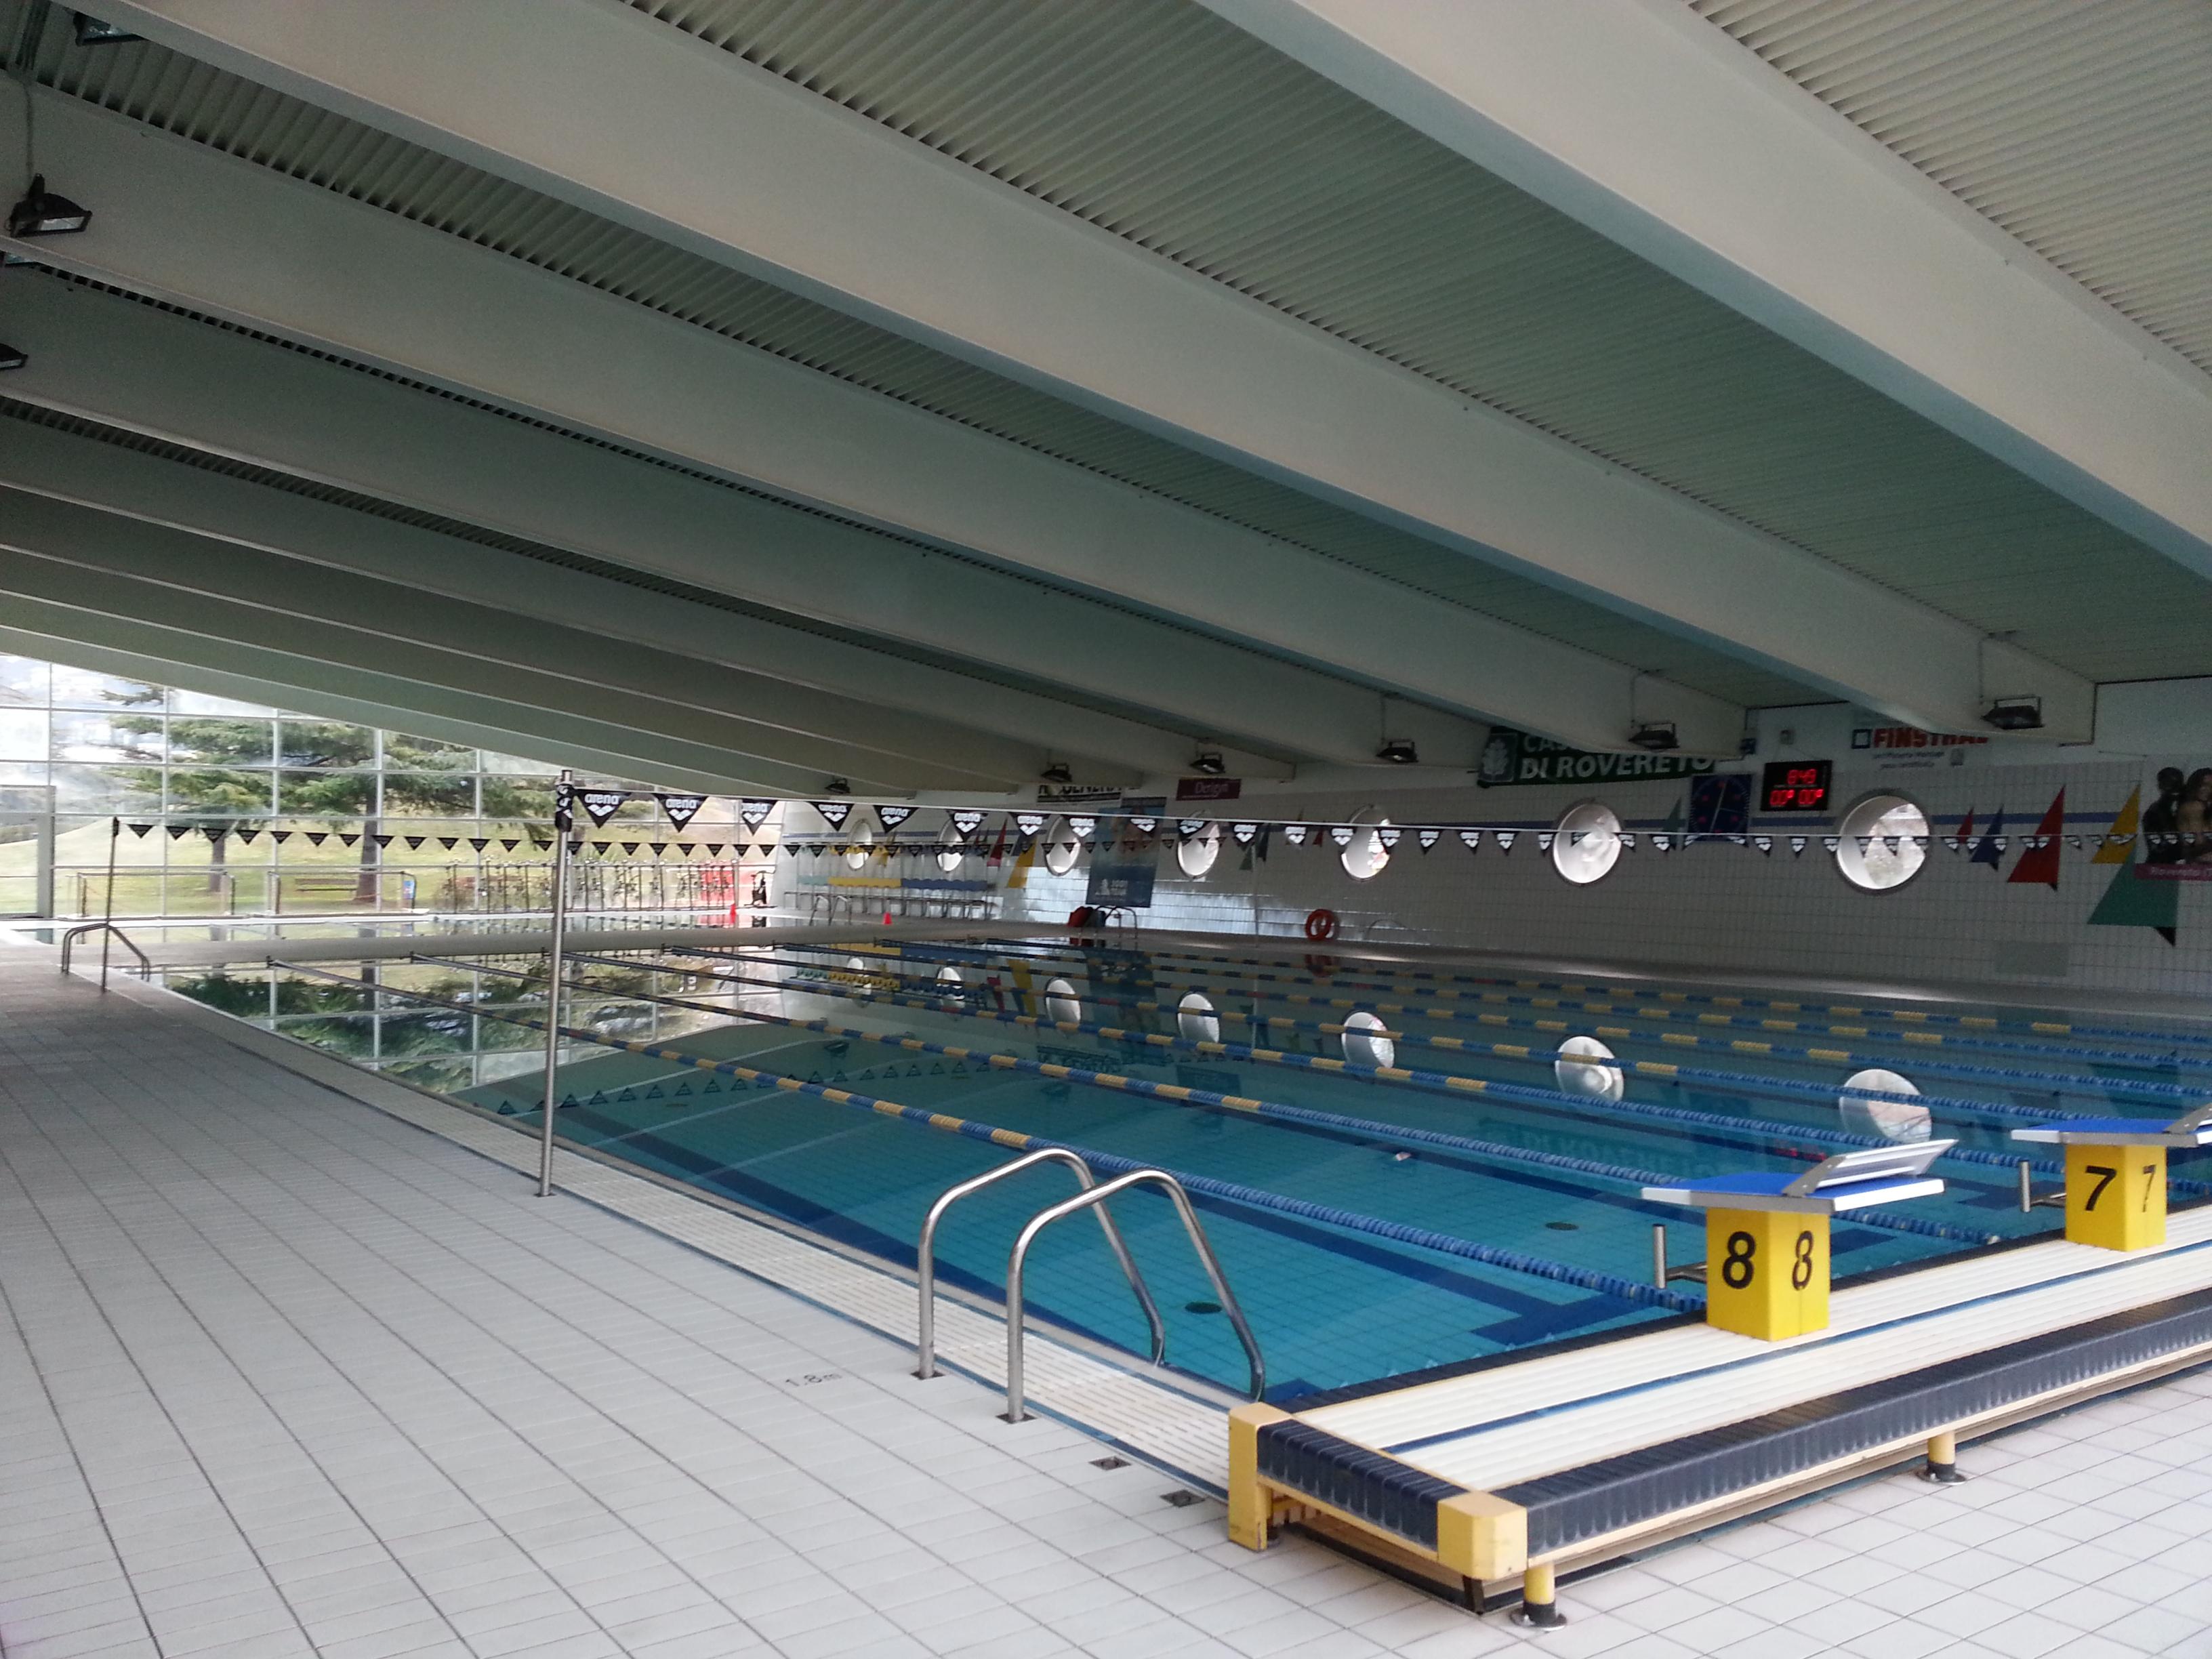 Orari nuoto libero 2001team - Piscina rovereto ...